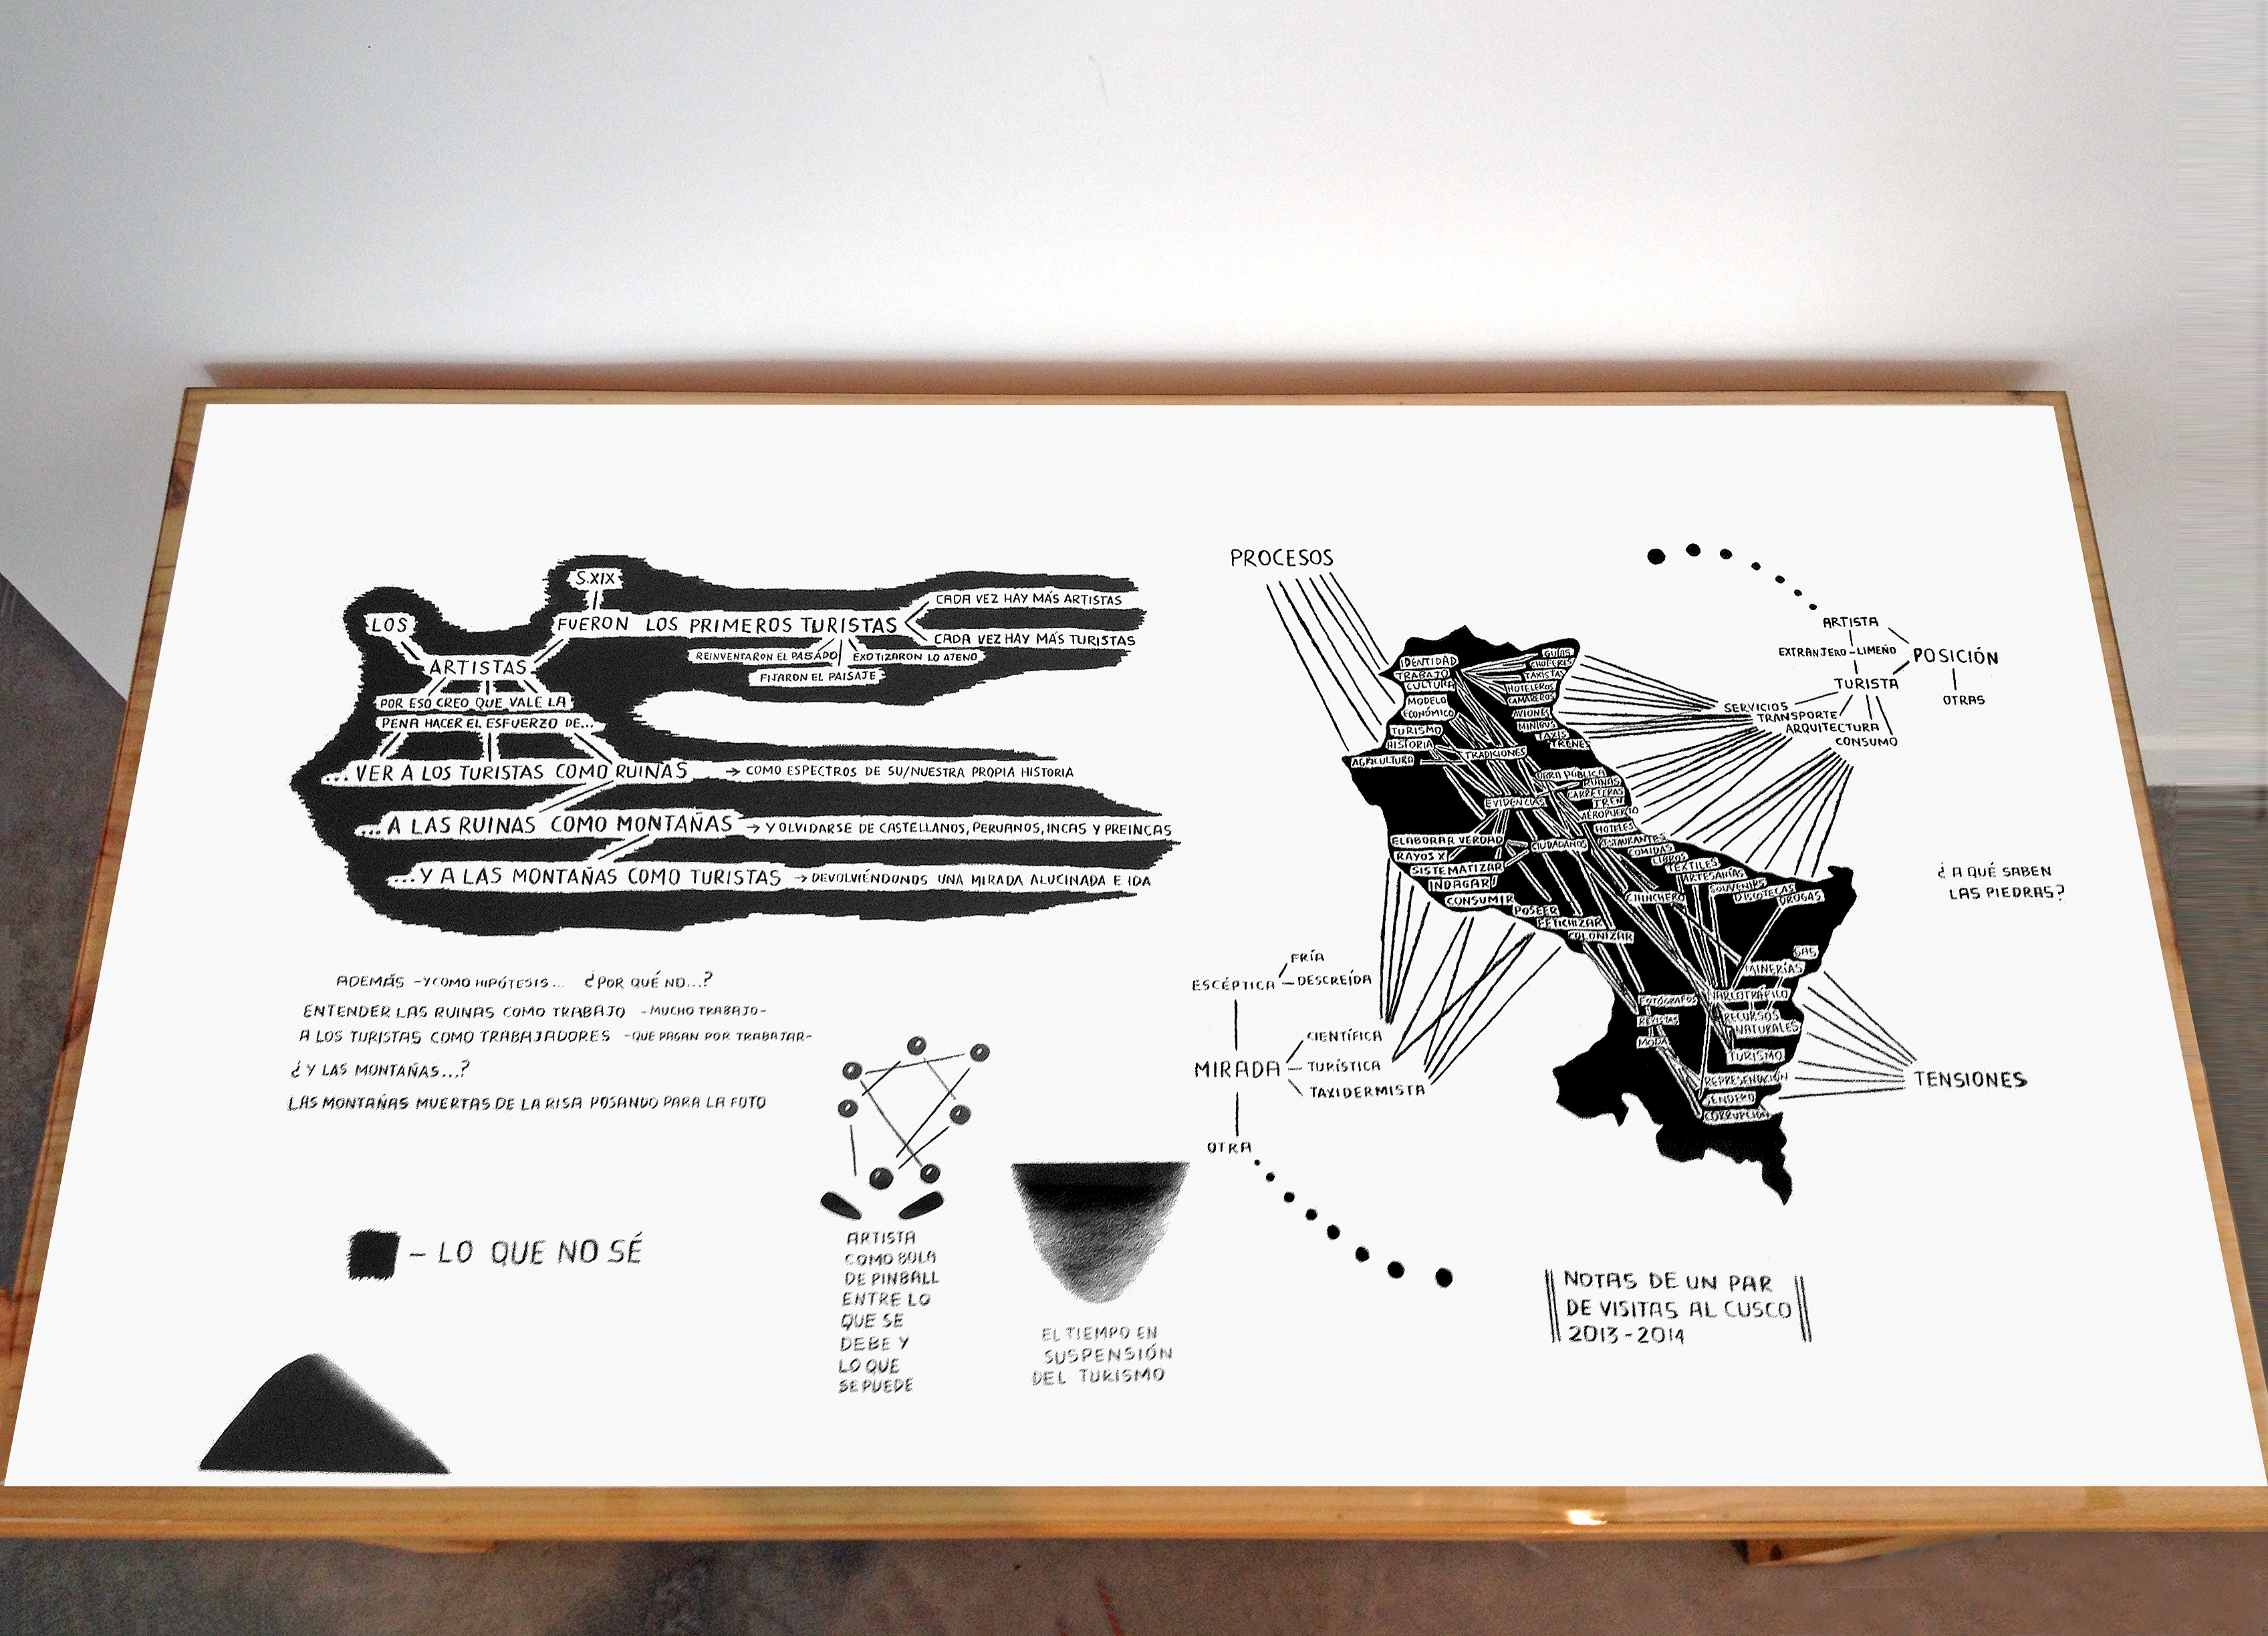 Cartografía de trabajo. Notas de un par de viajes al Cusco entre 2013 y 2014, 2014 |  | ProjecteSD